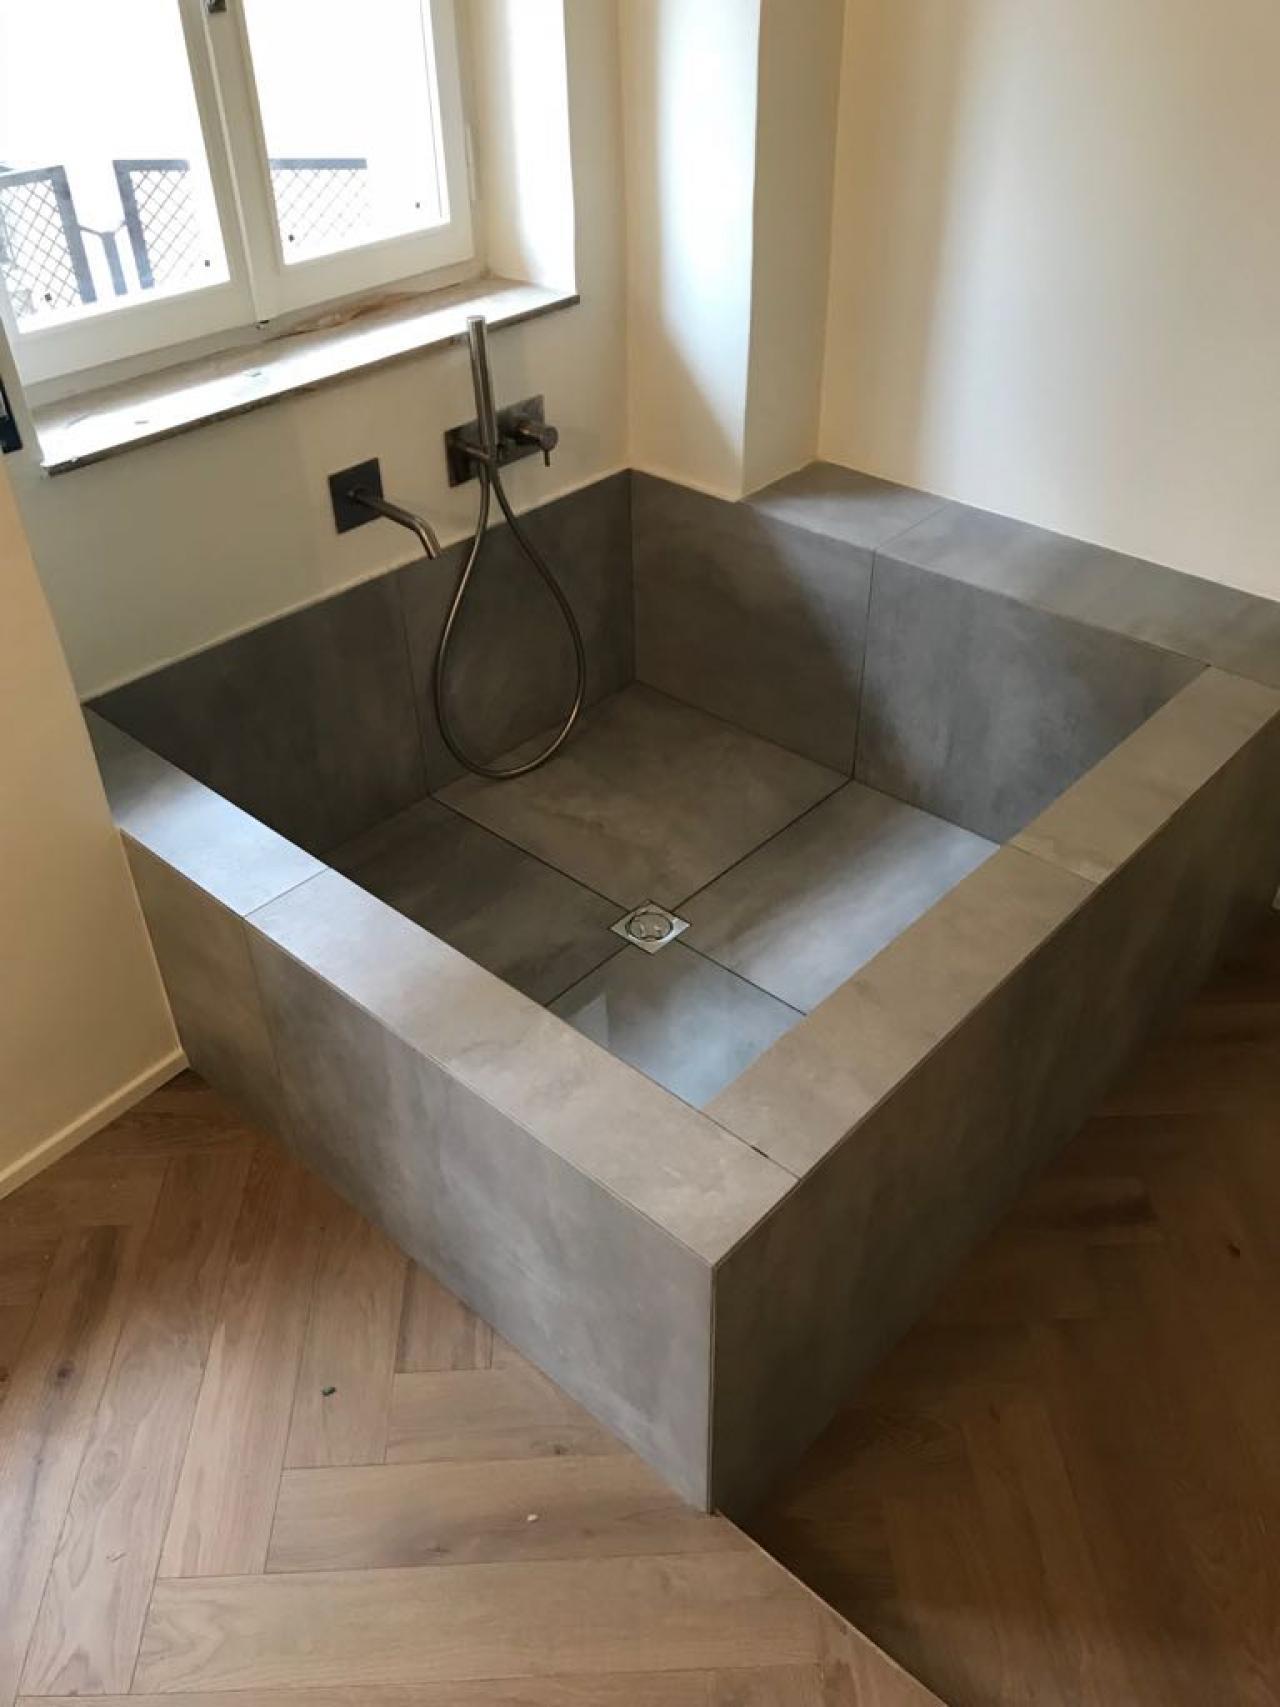 Vasca Da Bagno Enorme vasca da bagno: guida alla scelta | fratelli pellizzari